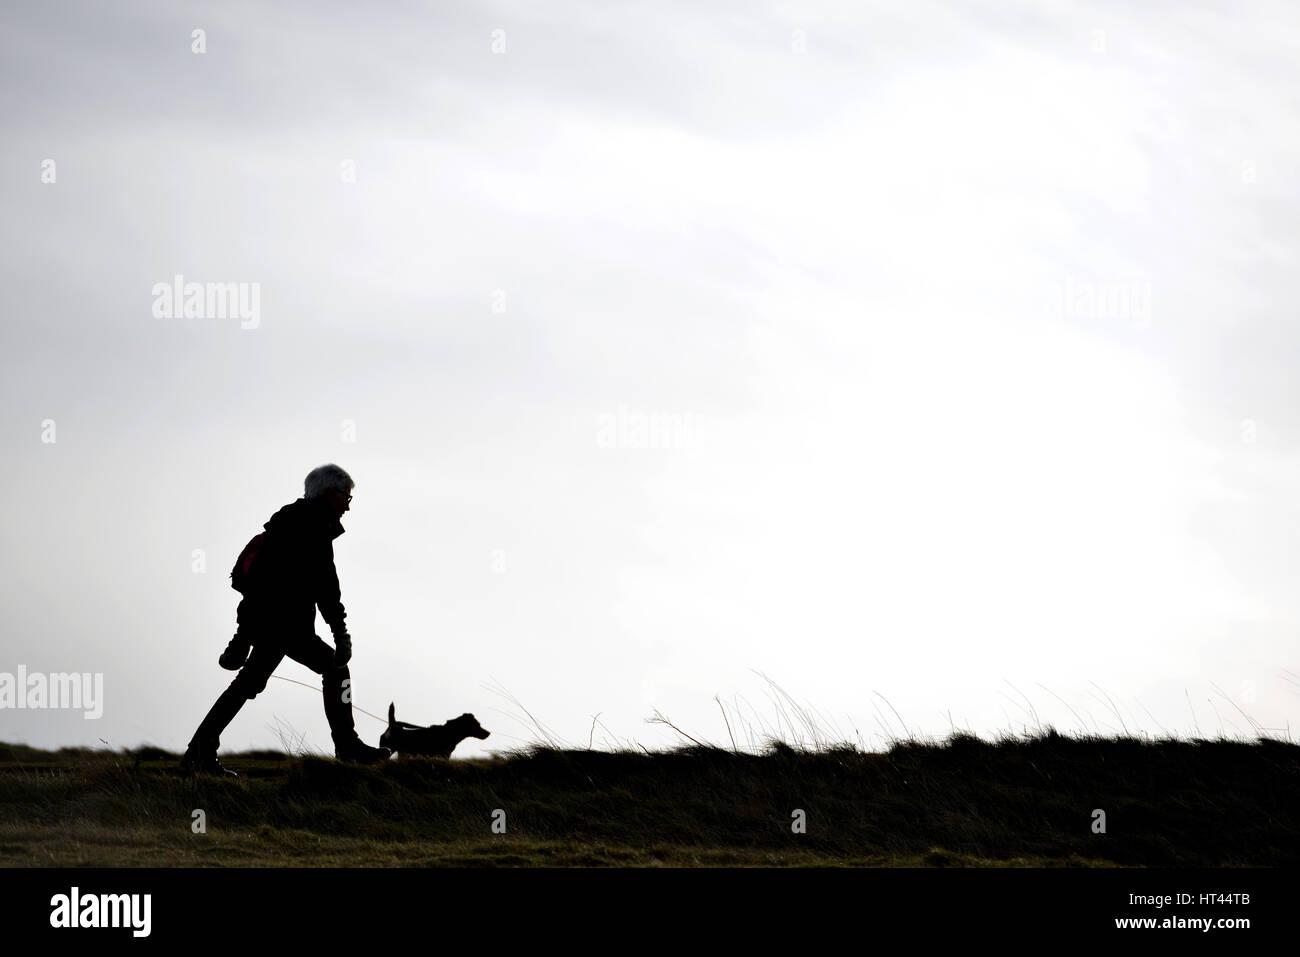 Silueta de una mujer paseando un perro en un día nublado Imagen De Stock